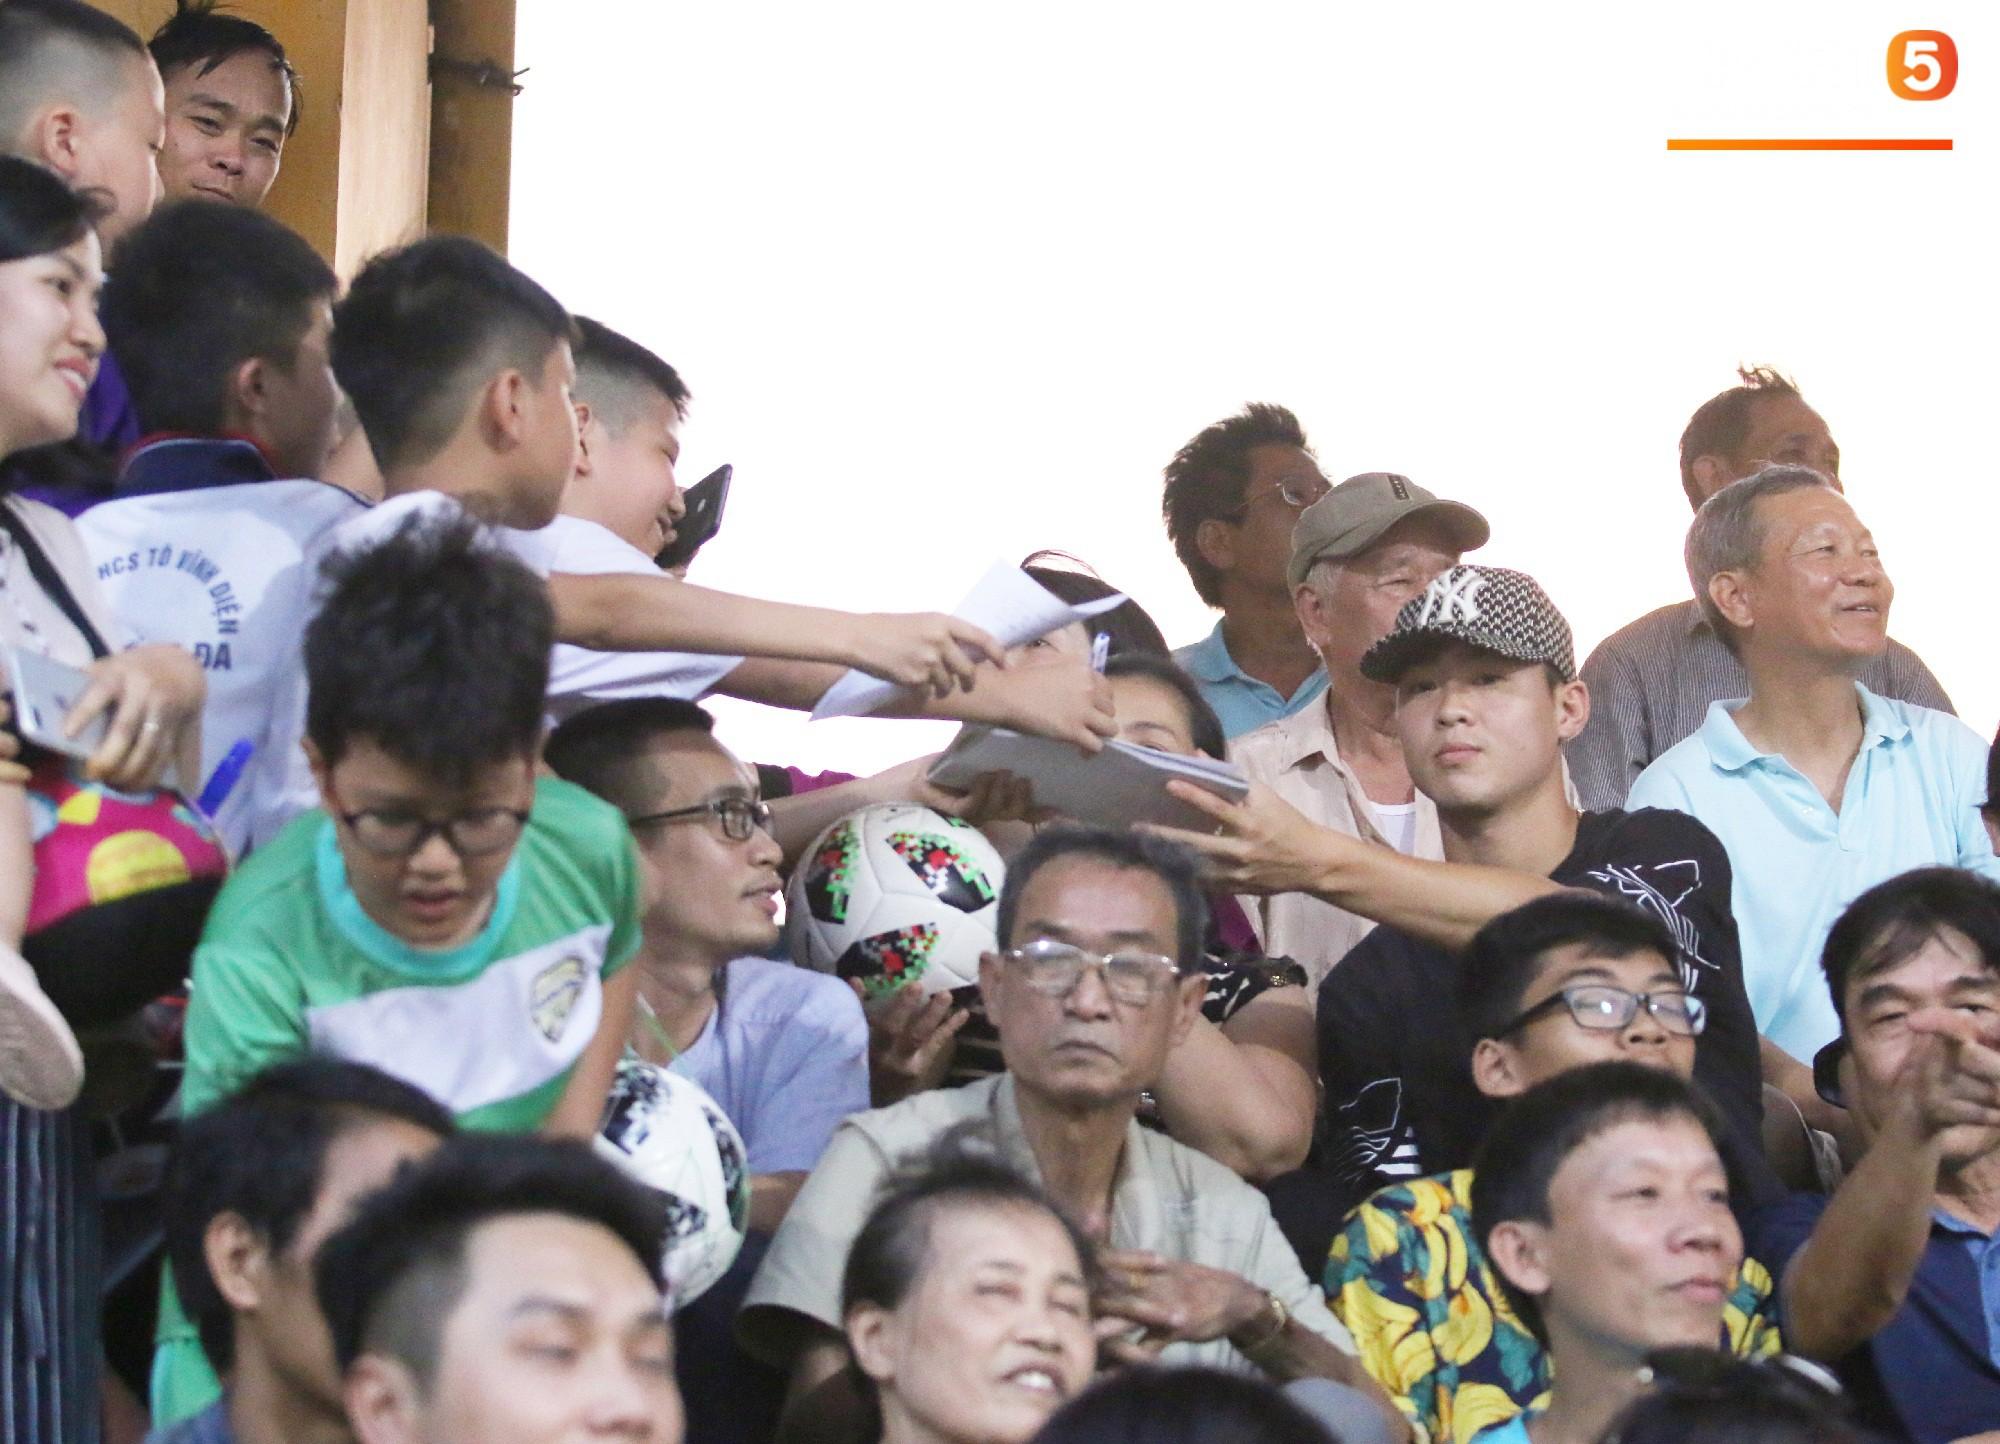 Duy Mạnh kín đáo đến xem Hà Nội Nội thi đấu, vẫn bị fan nhí nhanh mắt phát hiện và vây kín - Ảnh 2.